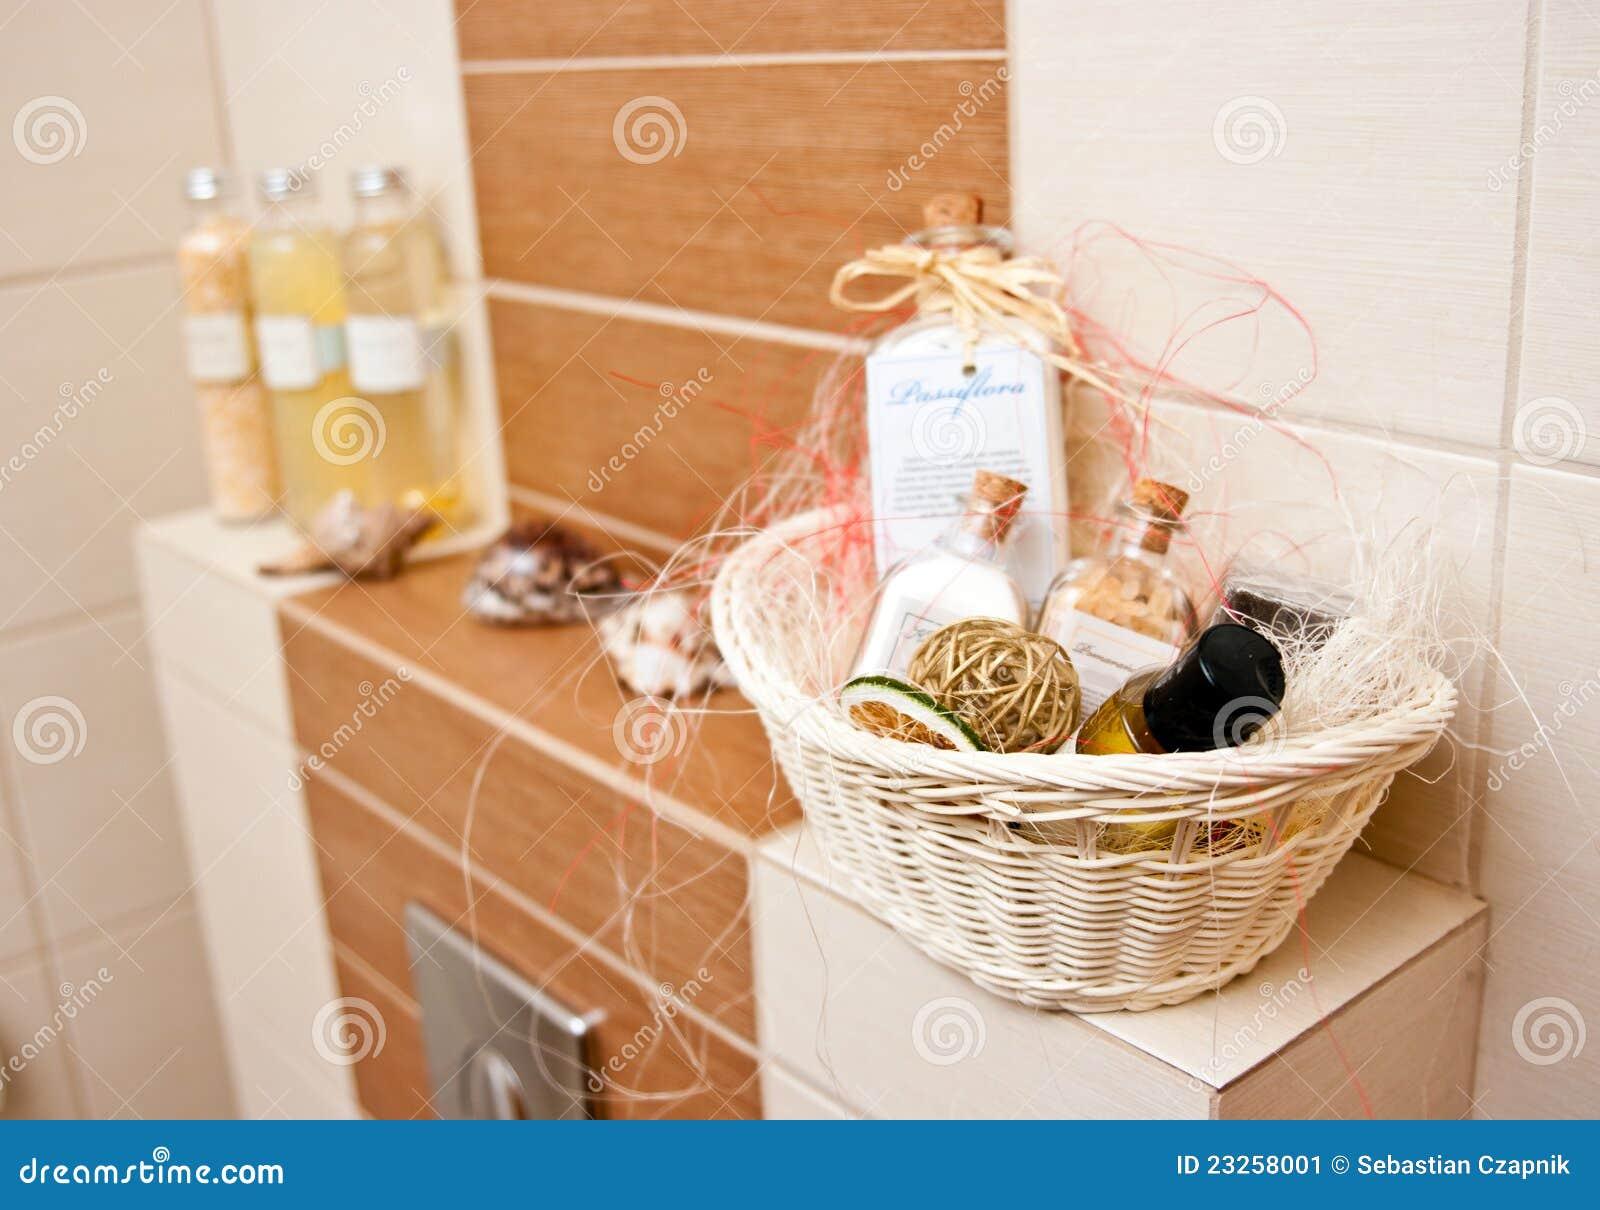 Decorazioni della stanza da bagno immagine stock for Decorazioni stanza